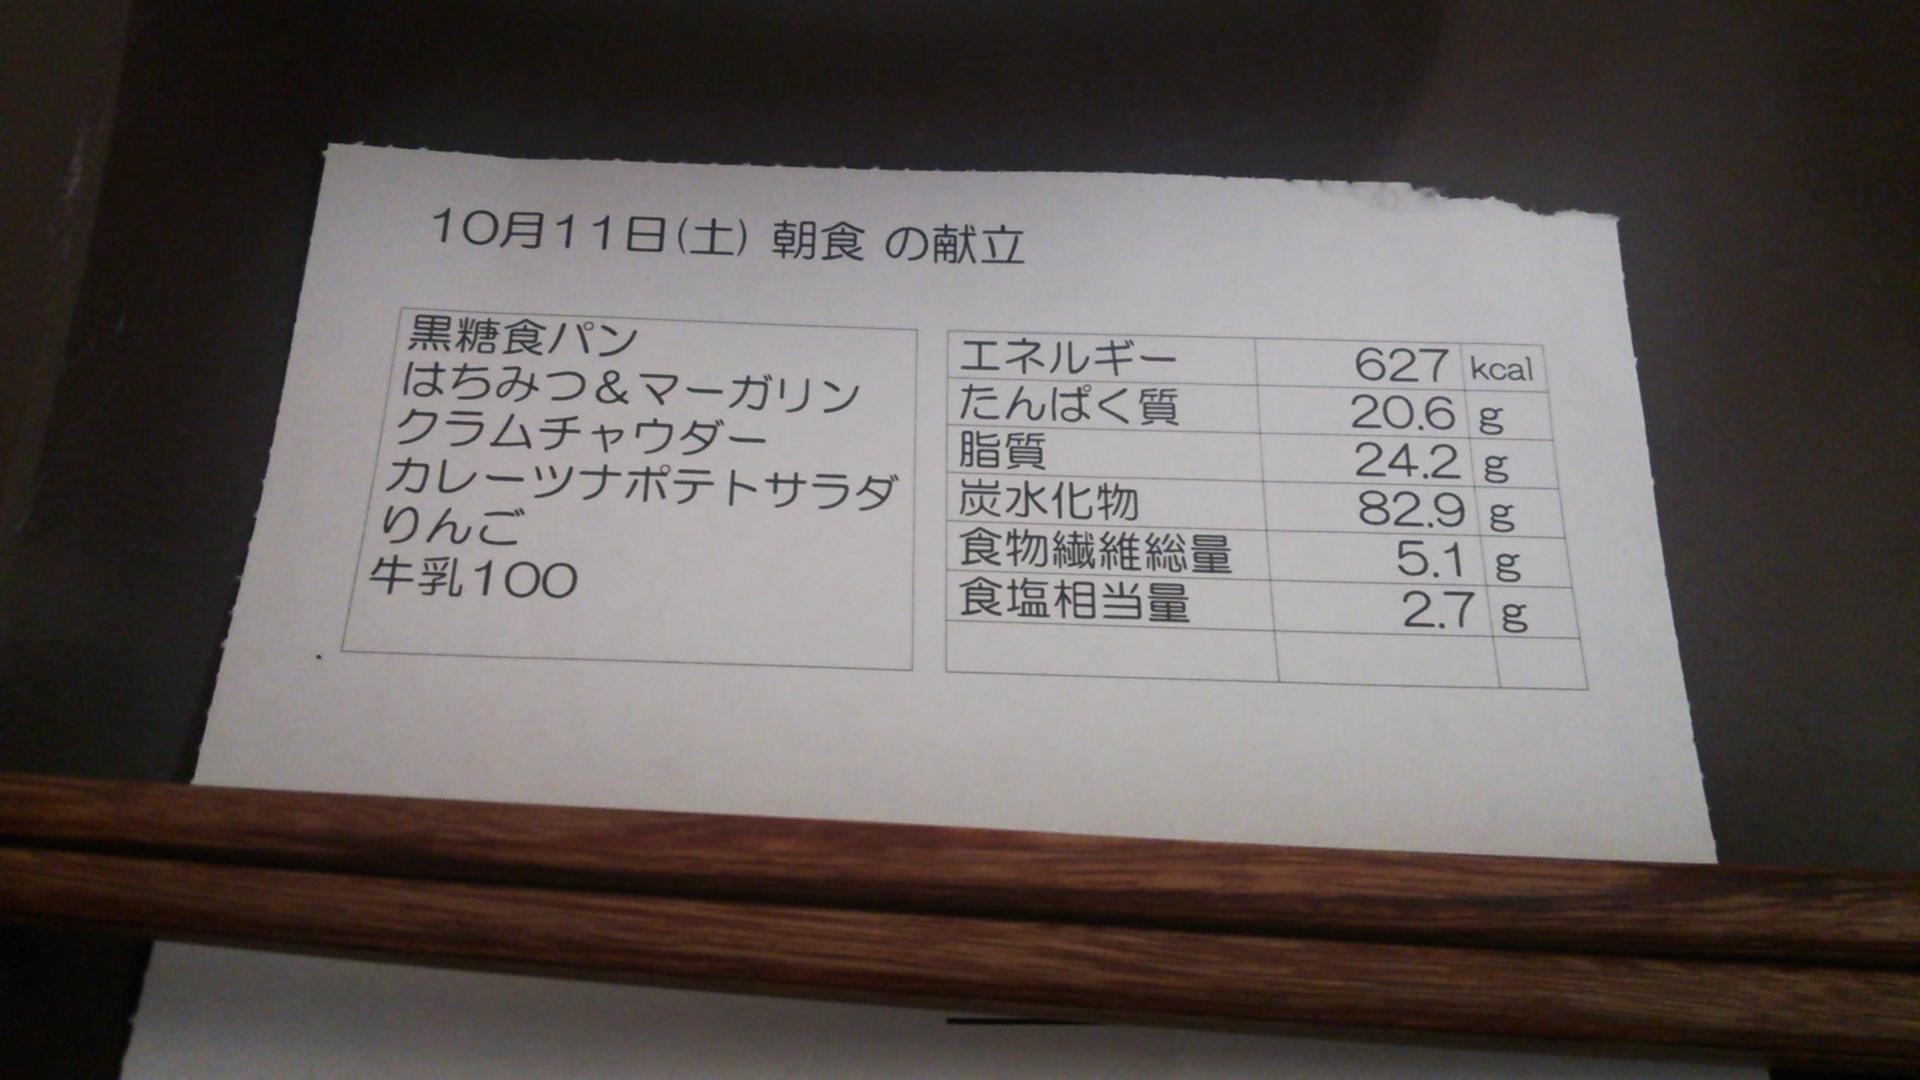 10月11日(土)朝食の献立